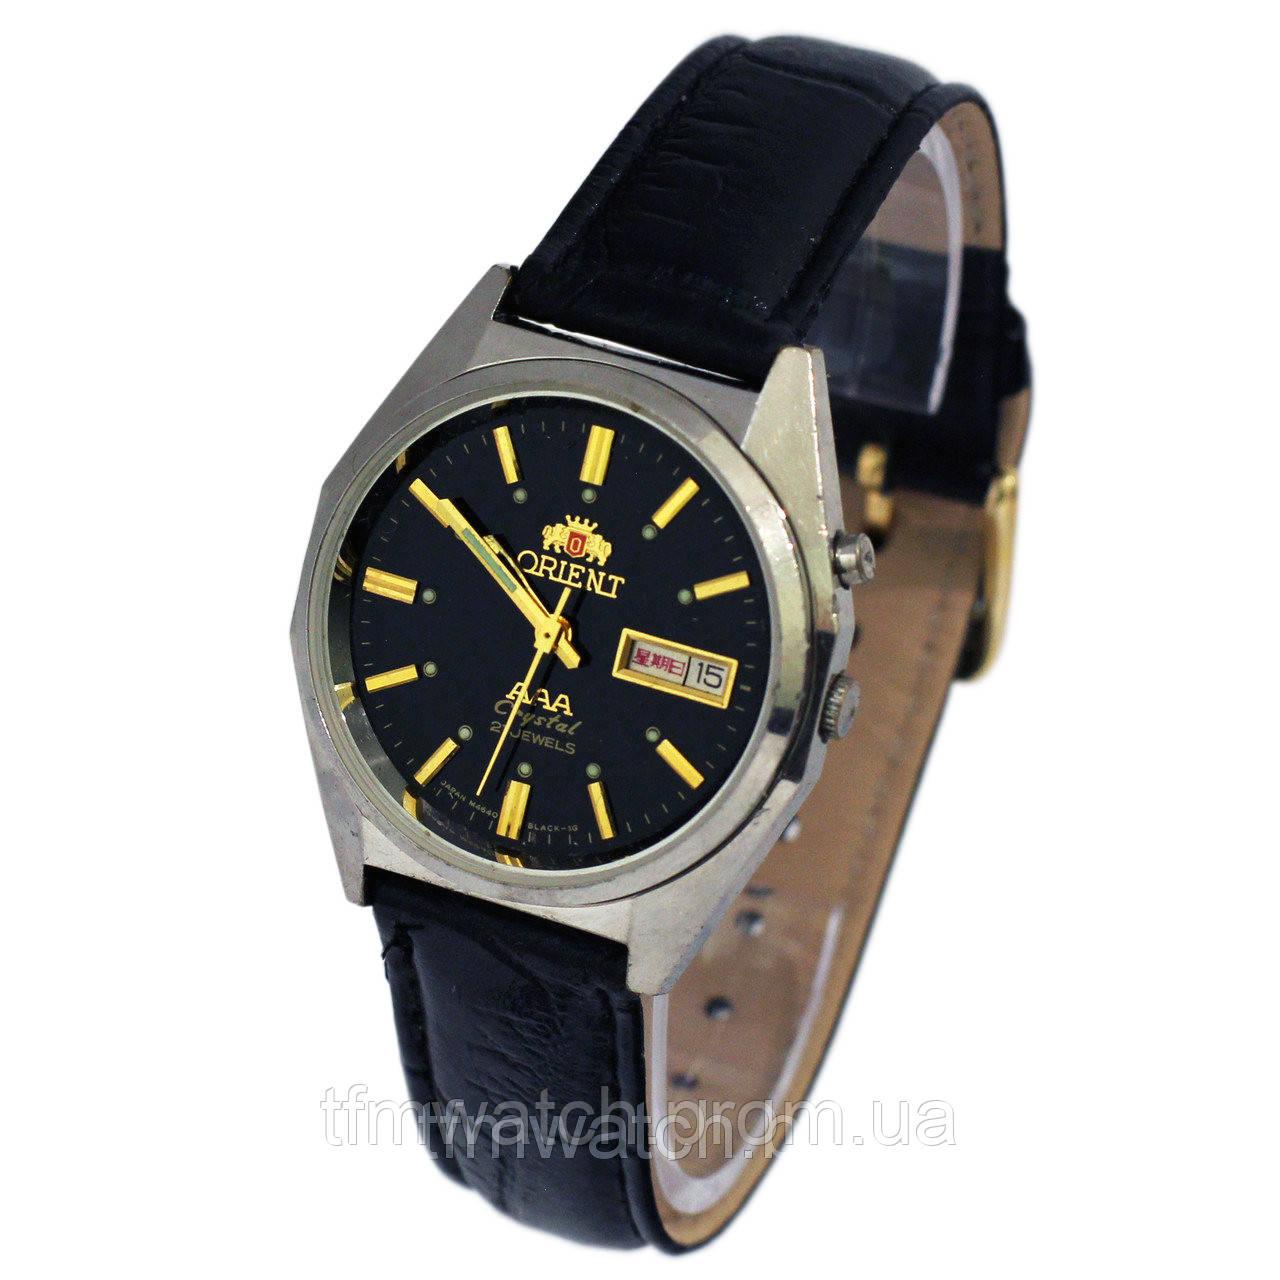 650fbb97 Часы Ориент с автоподзаводом Япония - Магазин старинных, винтажных и  антикварных часов TFMwatch в России